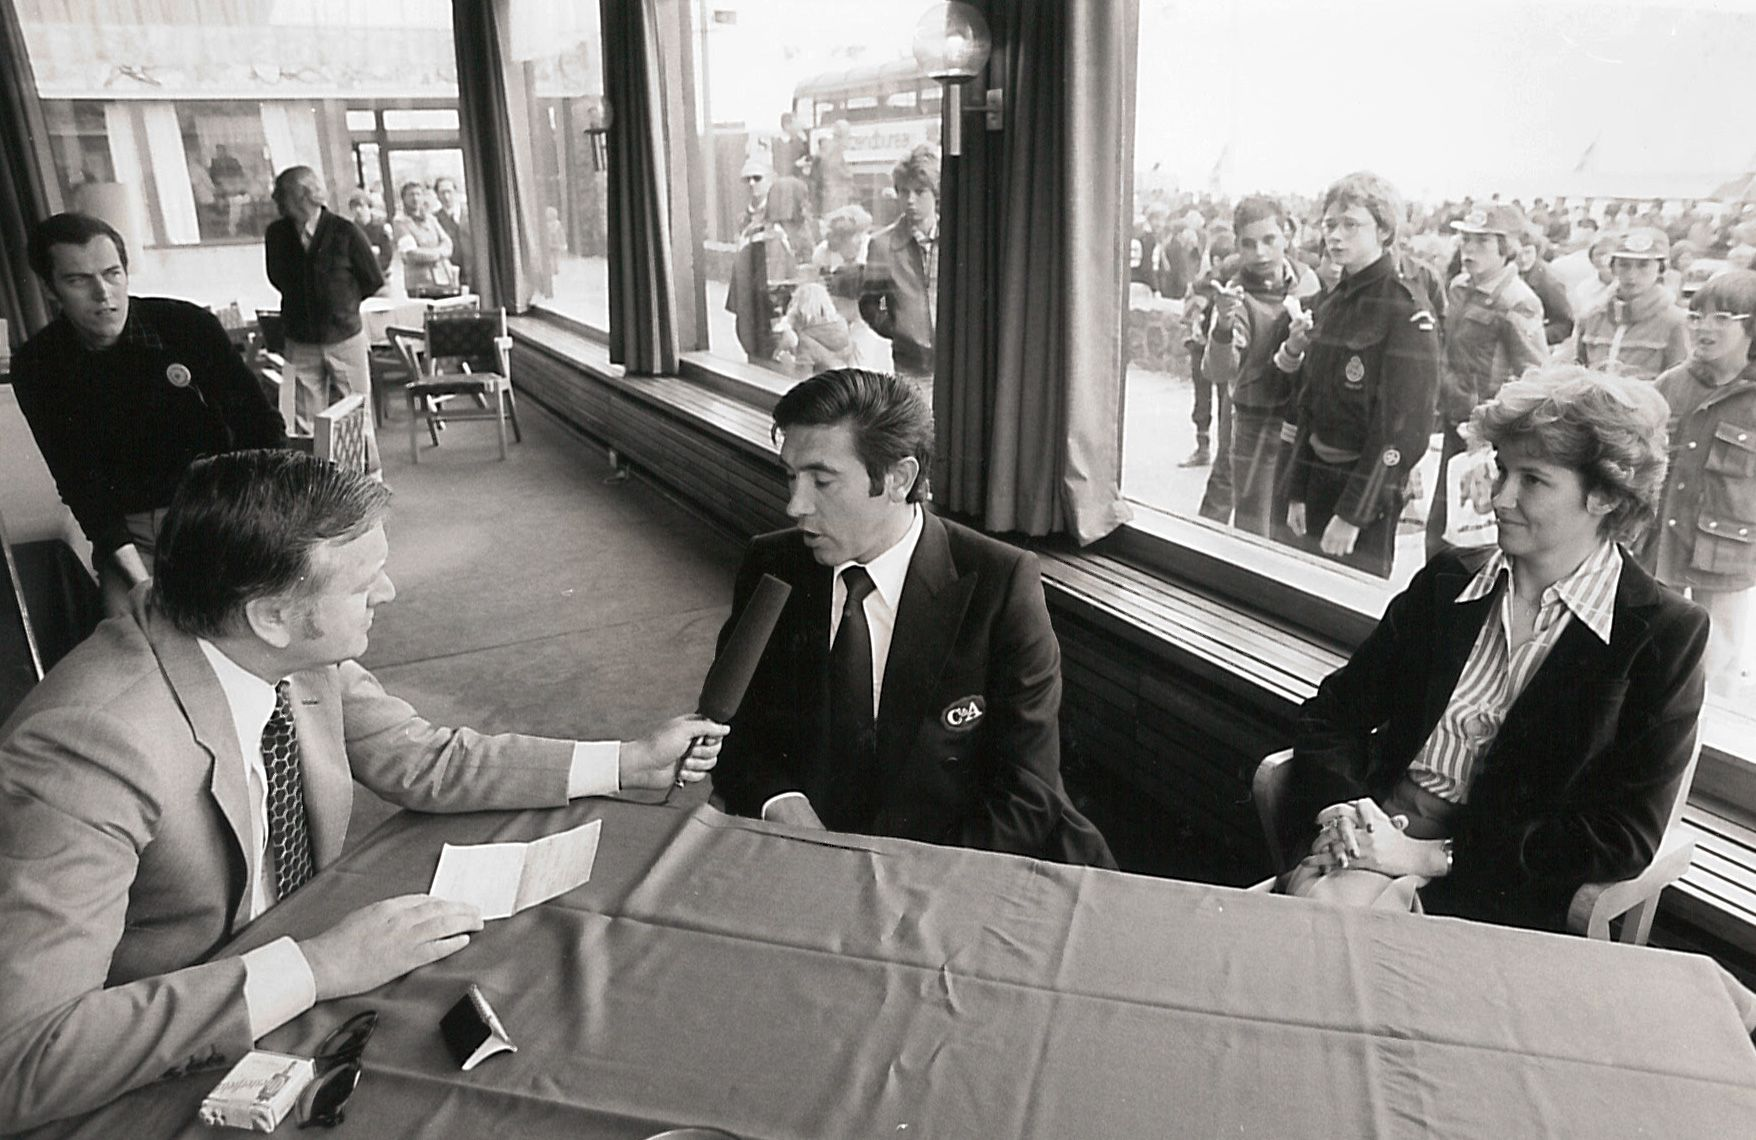 Eddy Merckx gaf op 20 mei 1978 een persconferentie in Vlissingen. (Foto Archief Omloop van de Boulevard)